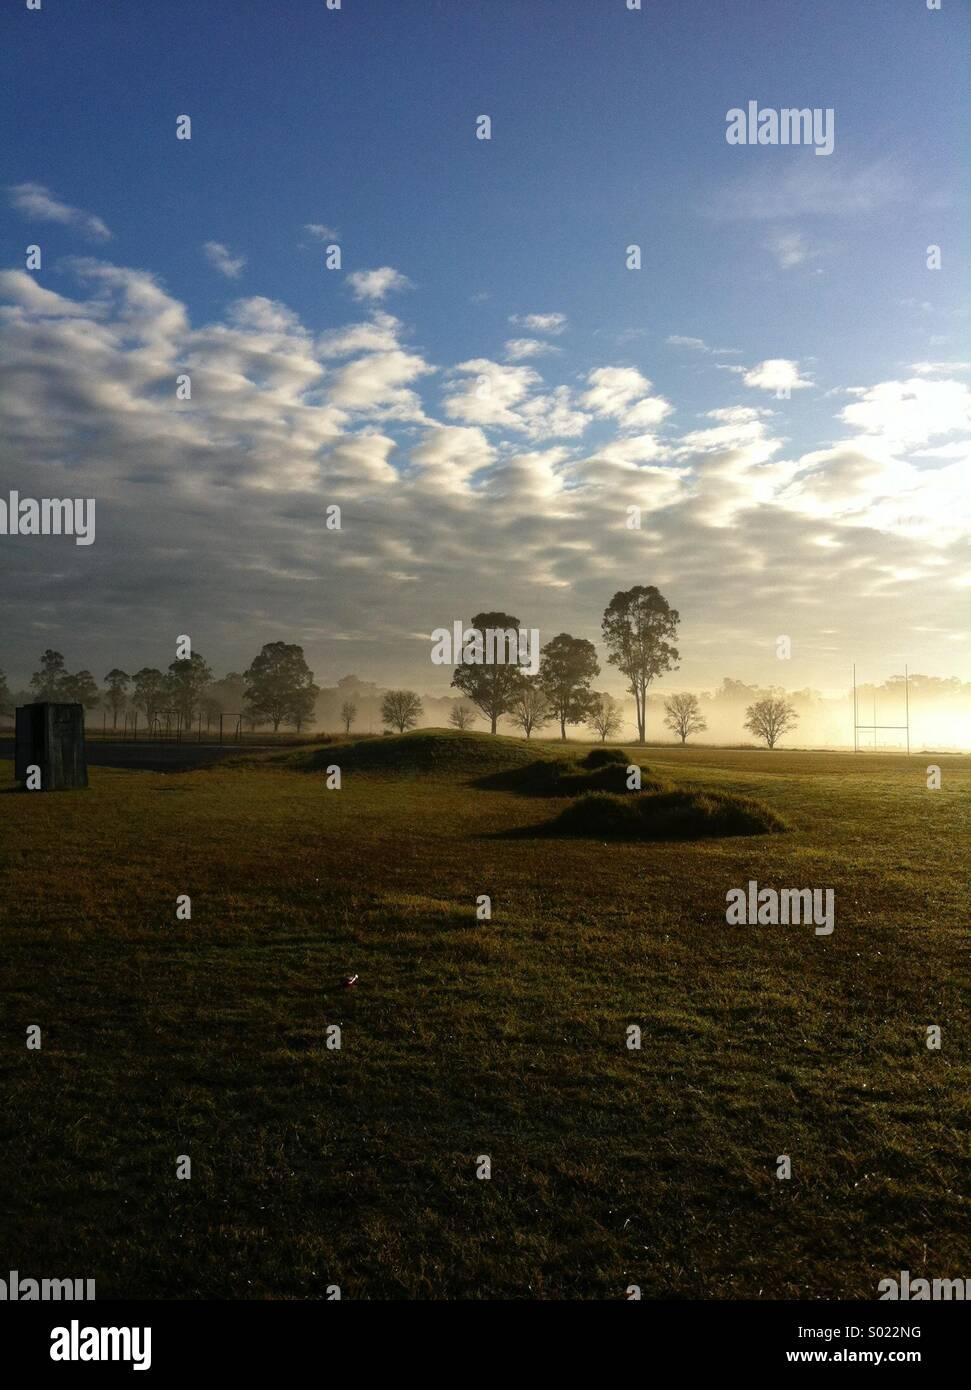 Escena rural temprano en la mañana con el cielo nublado y porterías de rugby Imagen De Stock